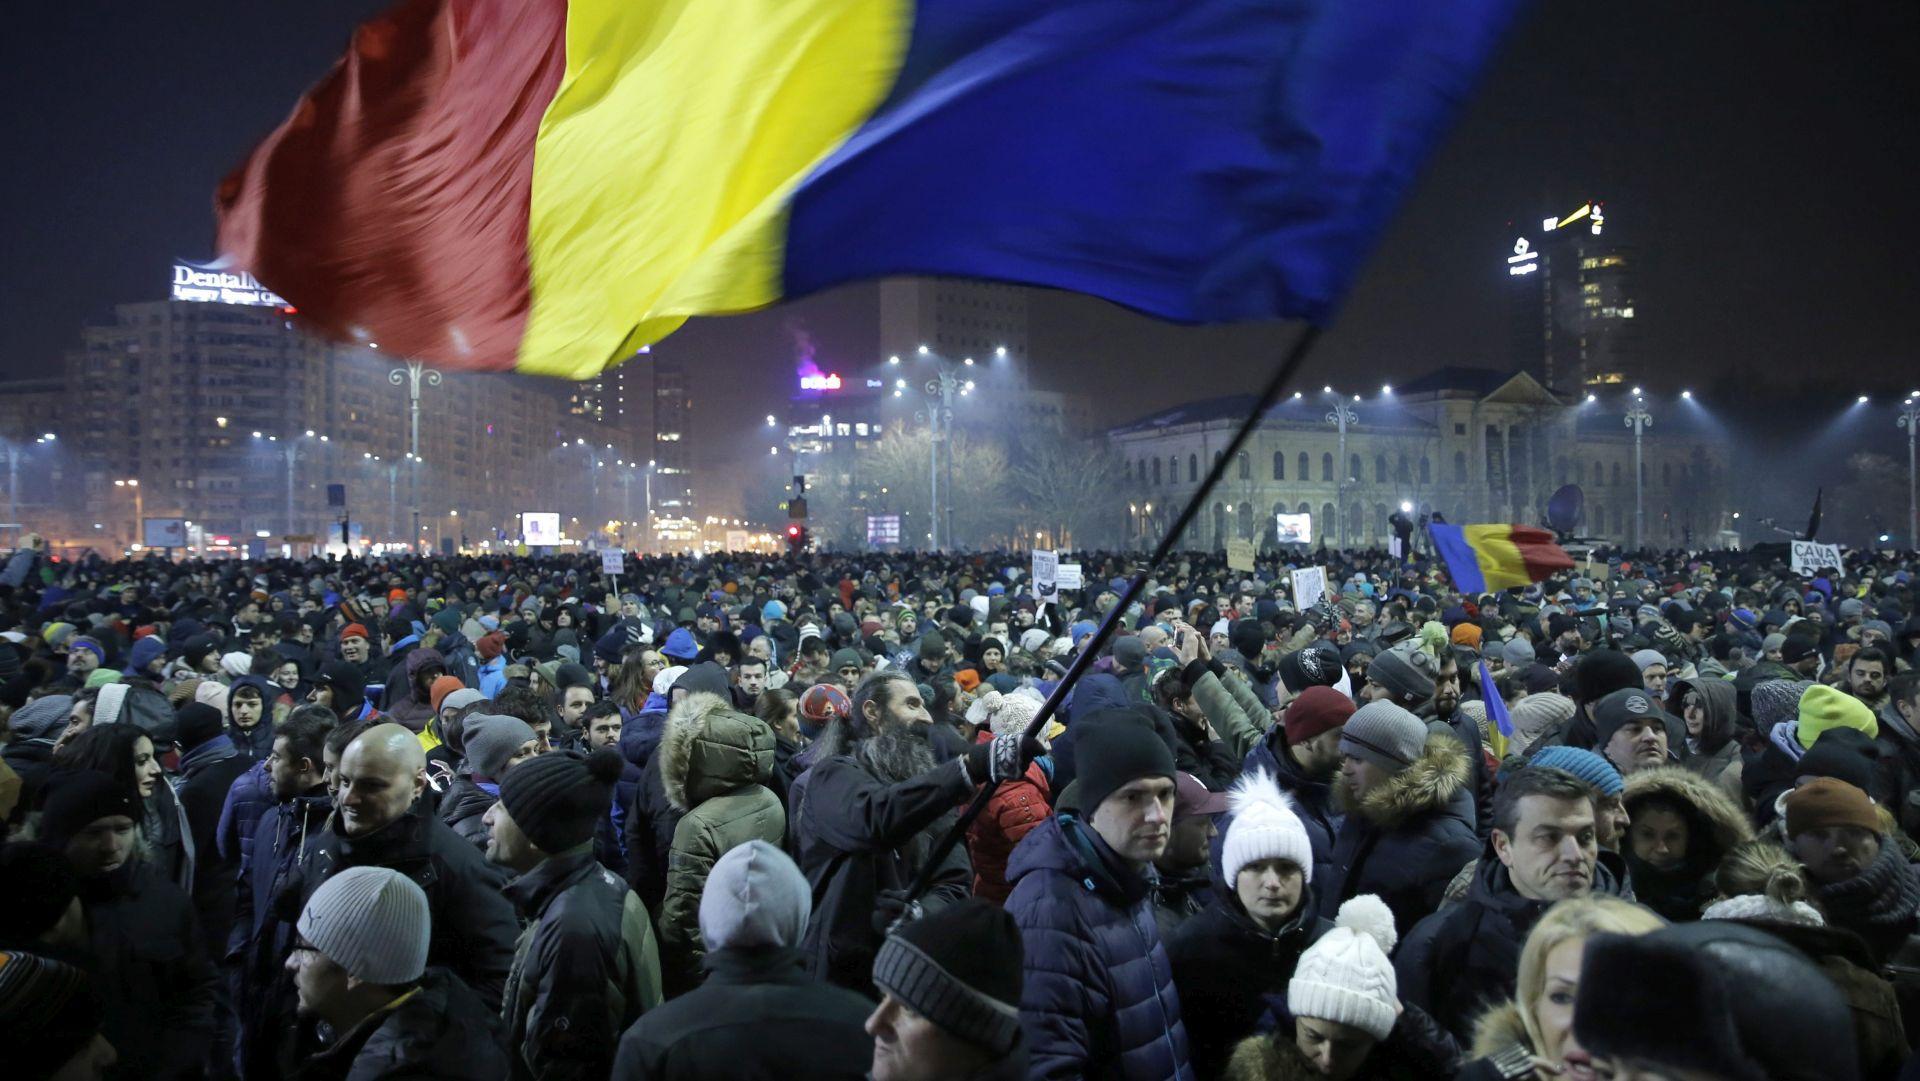 Rumunjski ministar podnio ostavku nakon prosvjeda